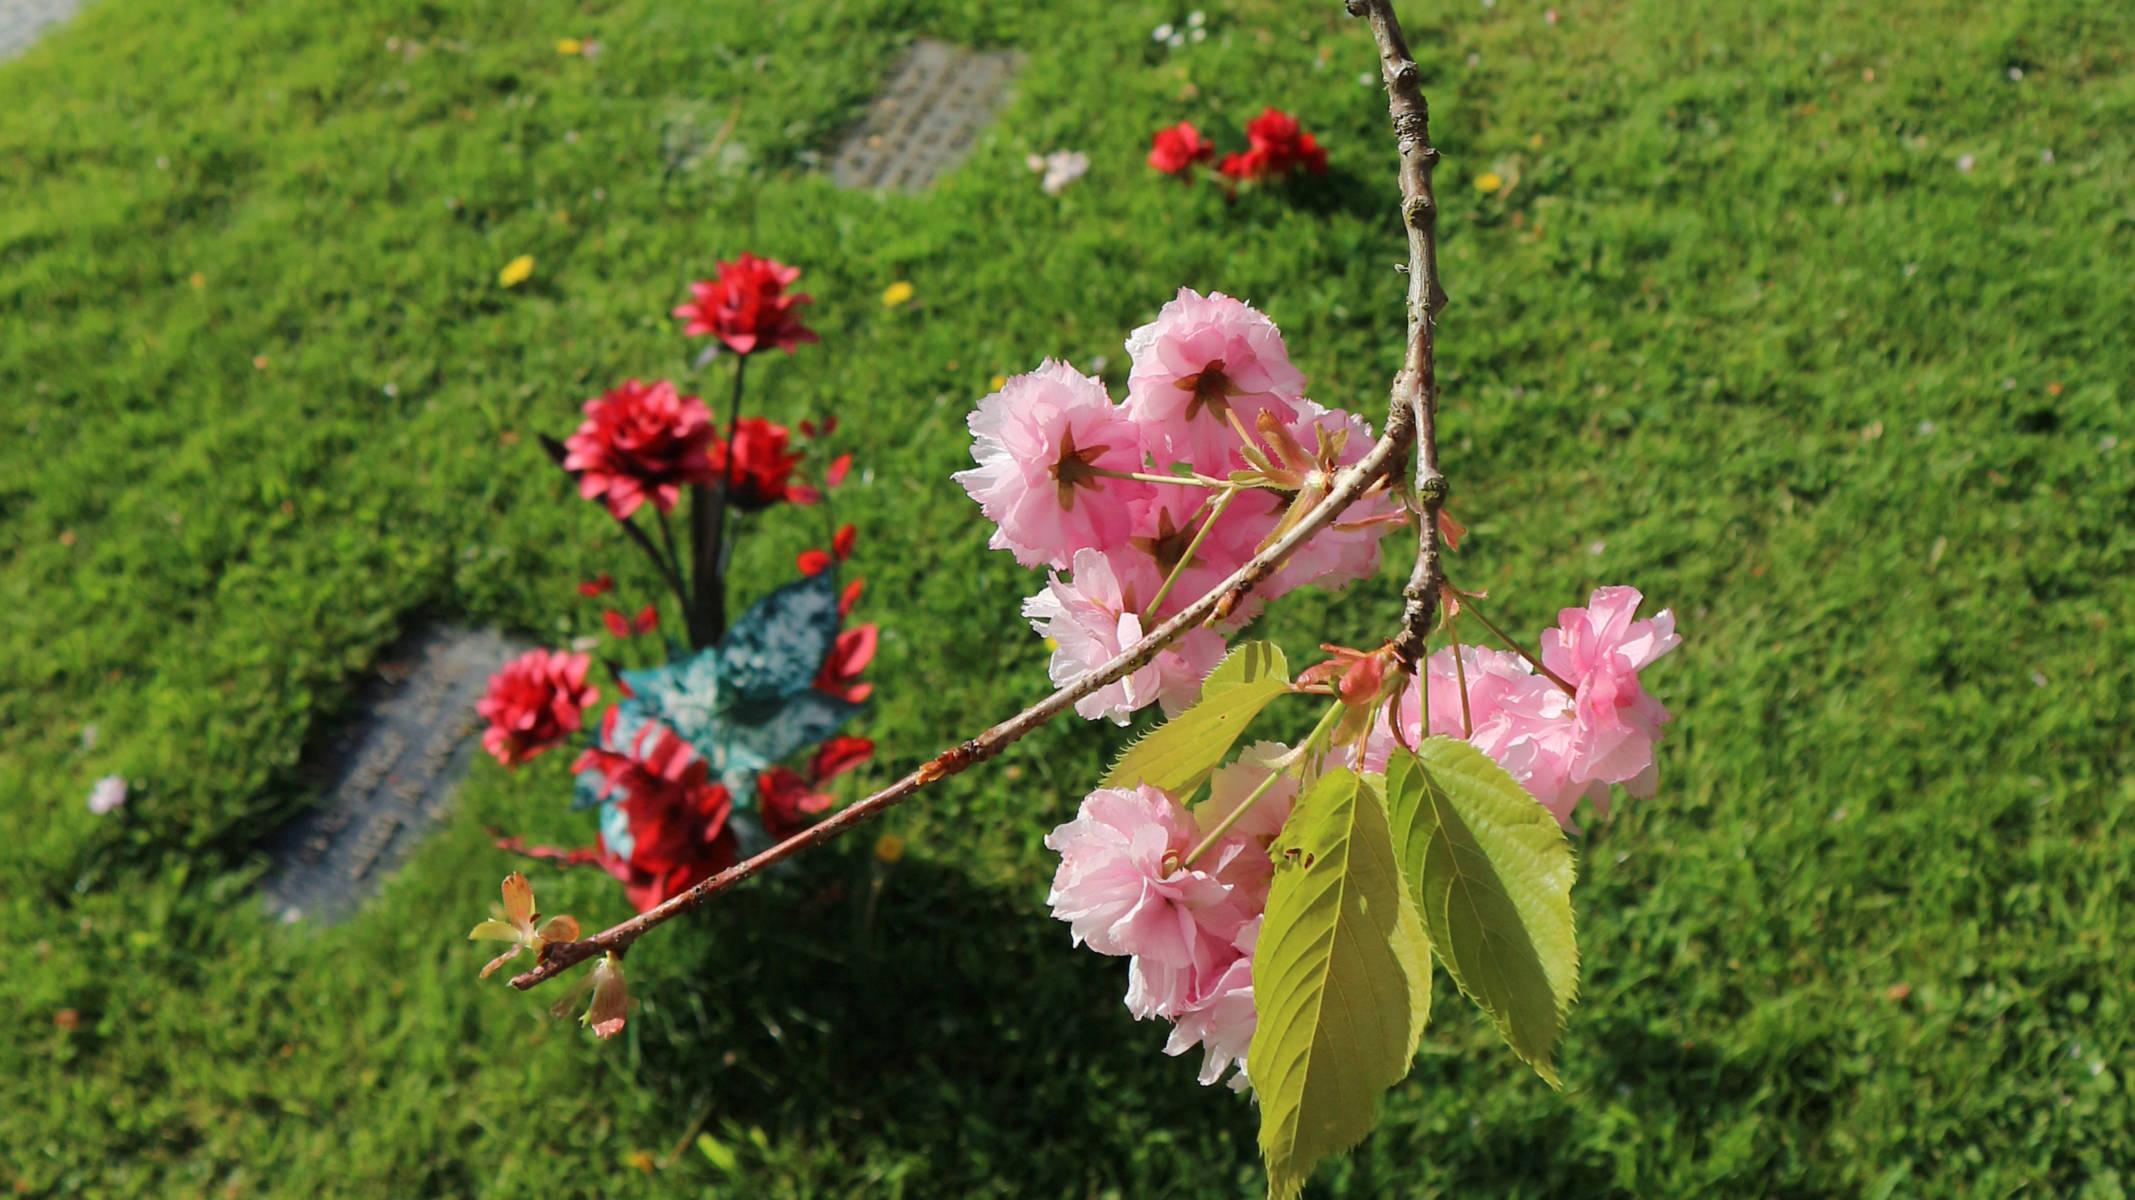 http://drakememorialpark.co.uk/upload/gallery_image/6efc3b270319114701.JPG